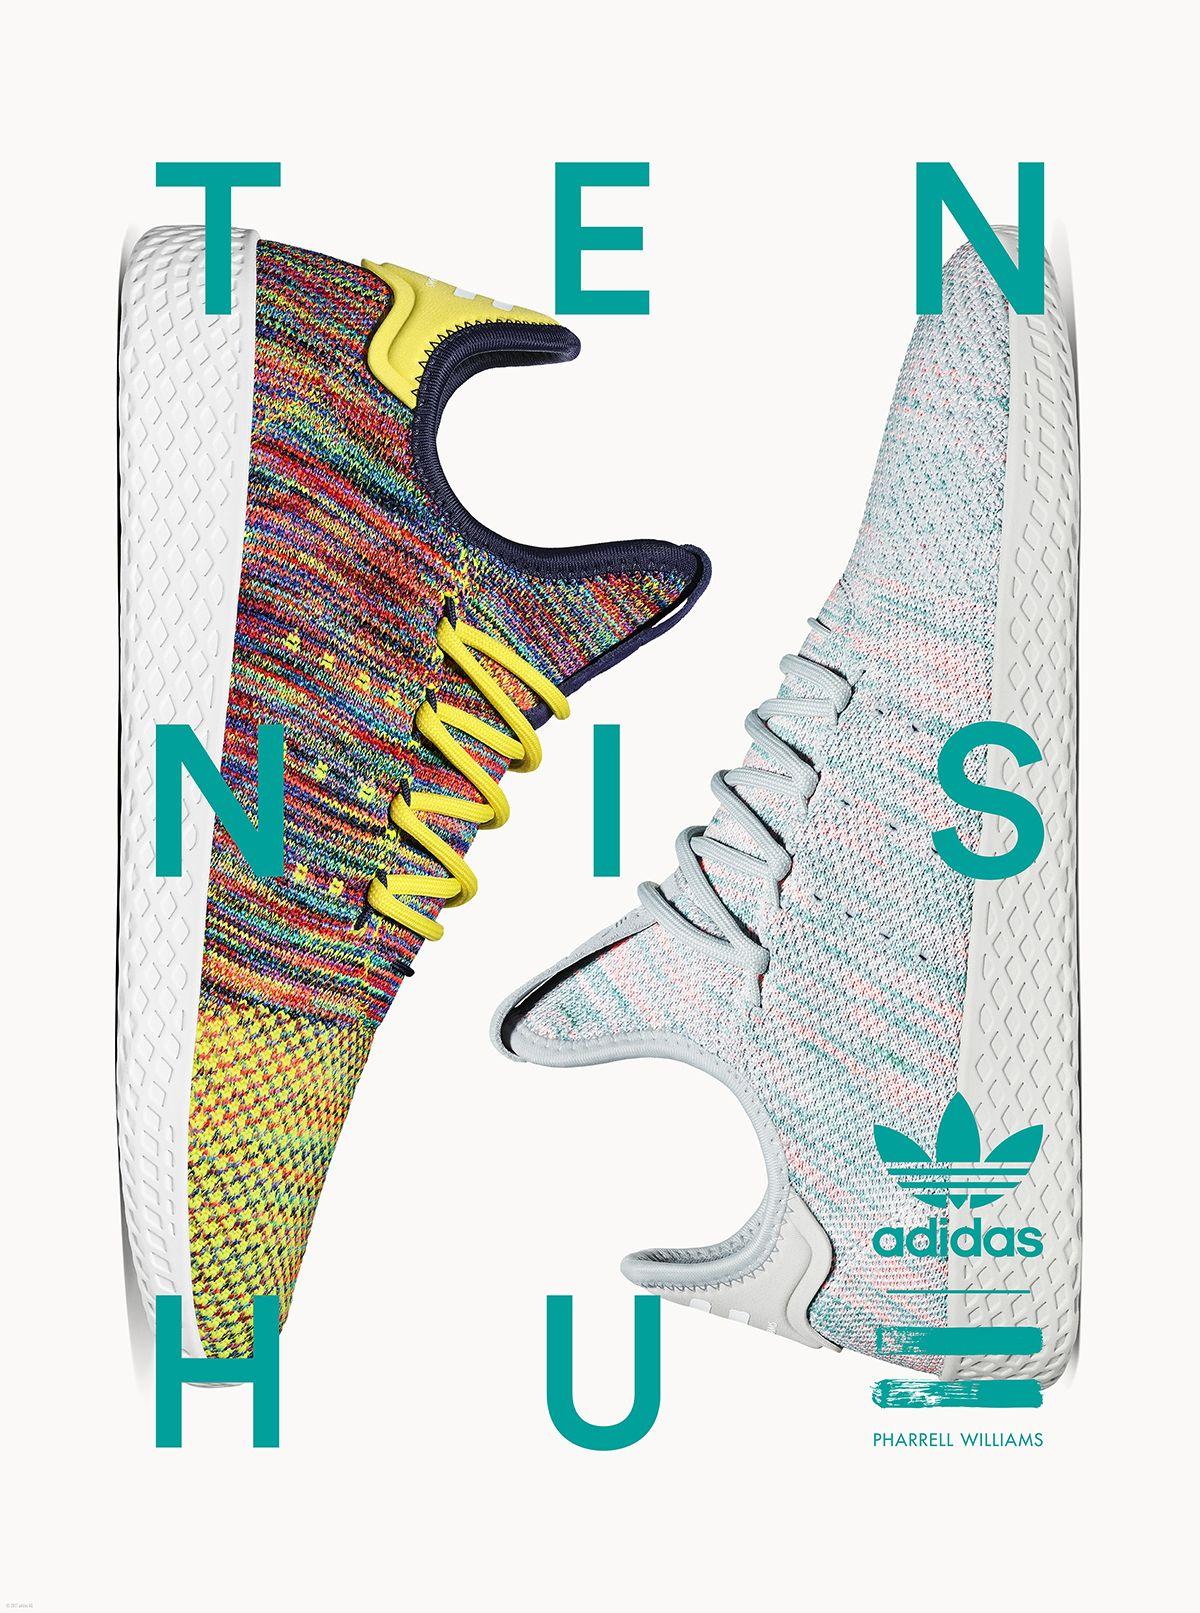 adidas originali x pharrell williams tennis hu: quattro colorways per